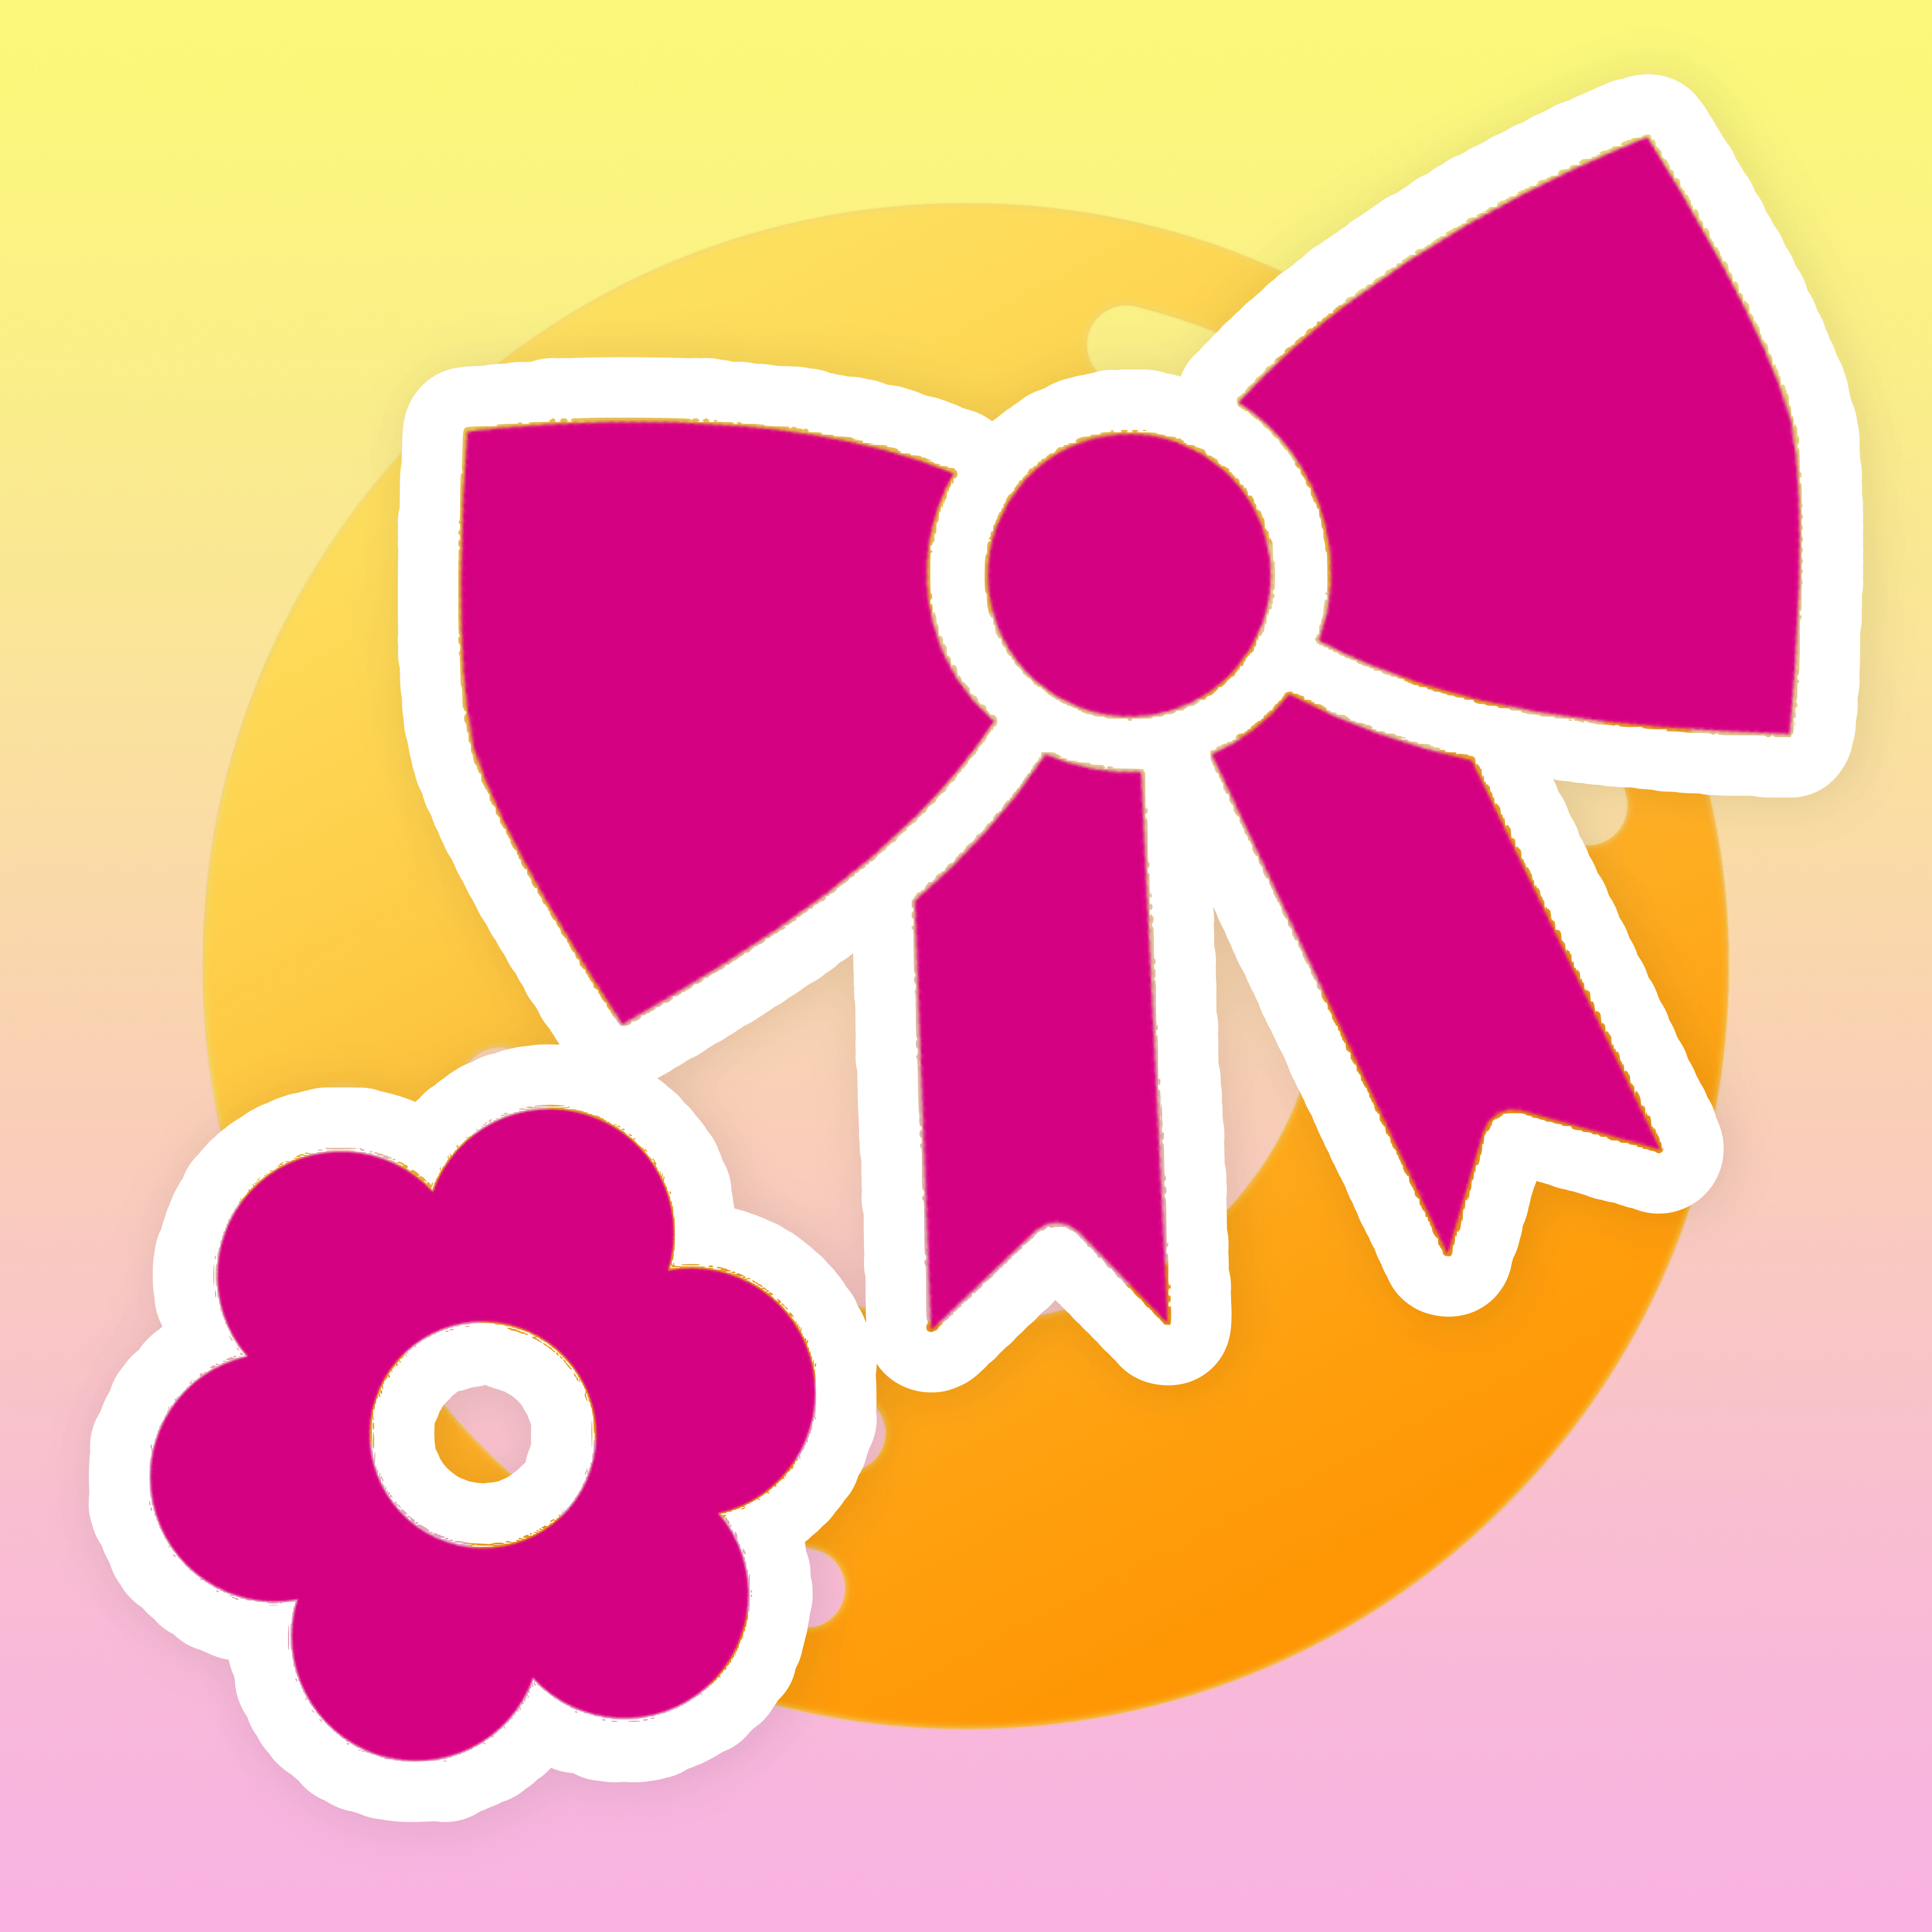 Evelyn_v20 avatar